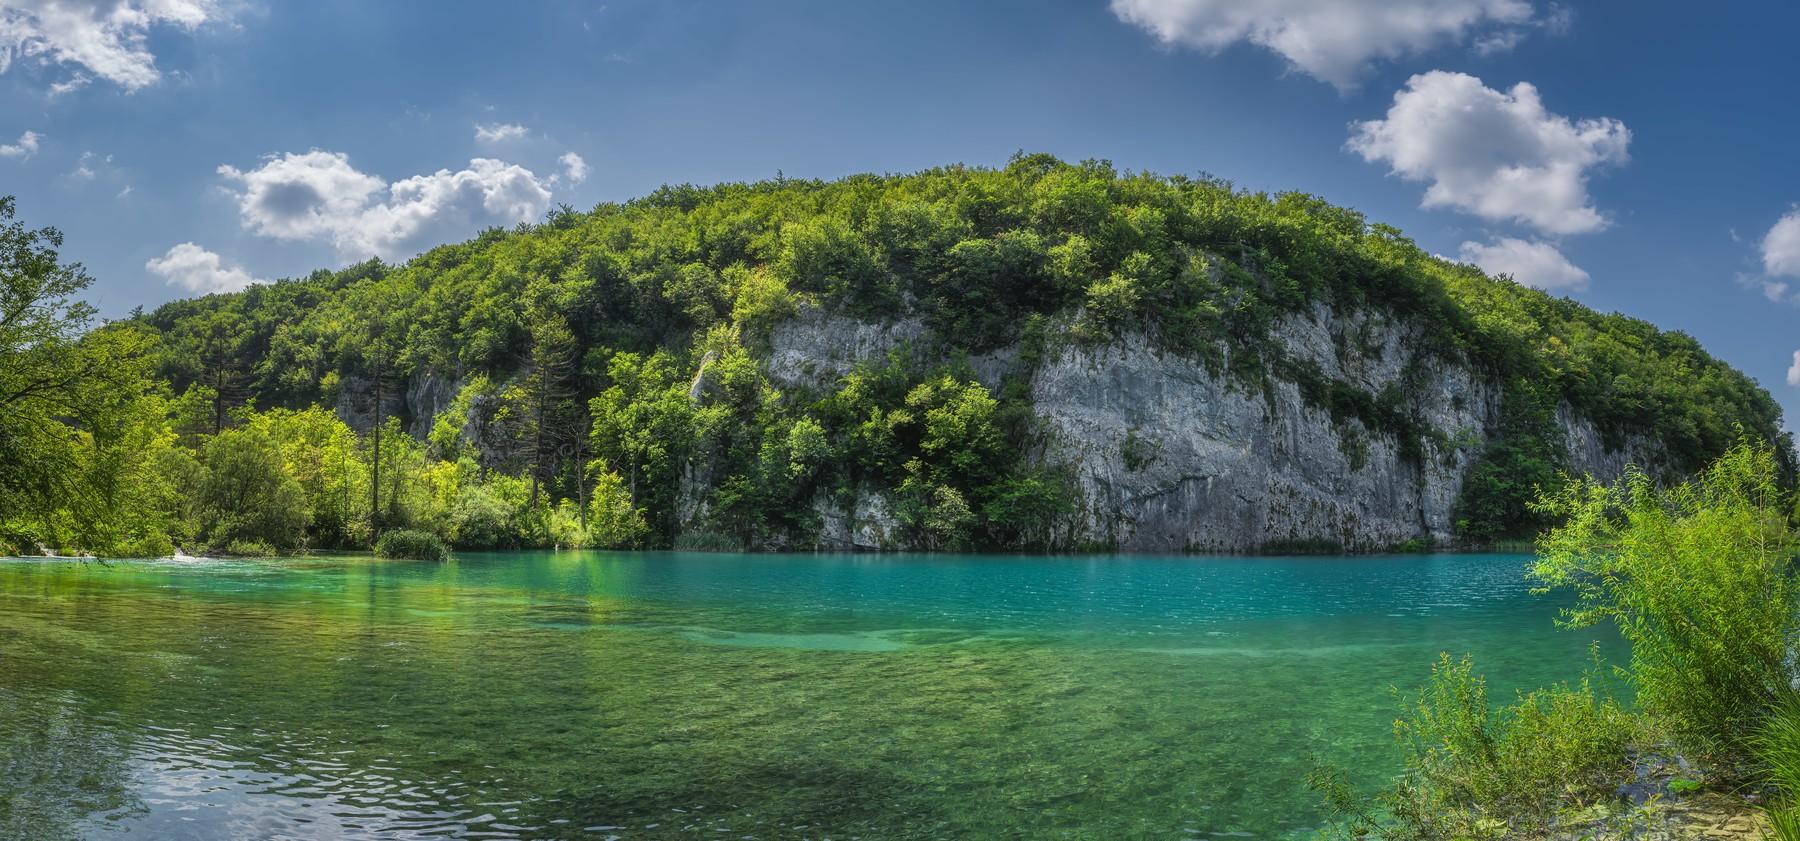 Európa legszebb nemzeti parkjai - krónika